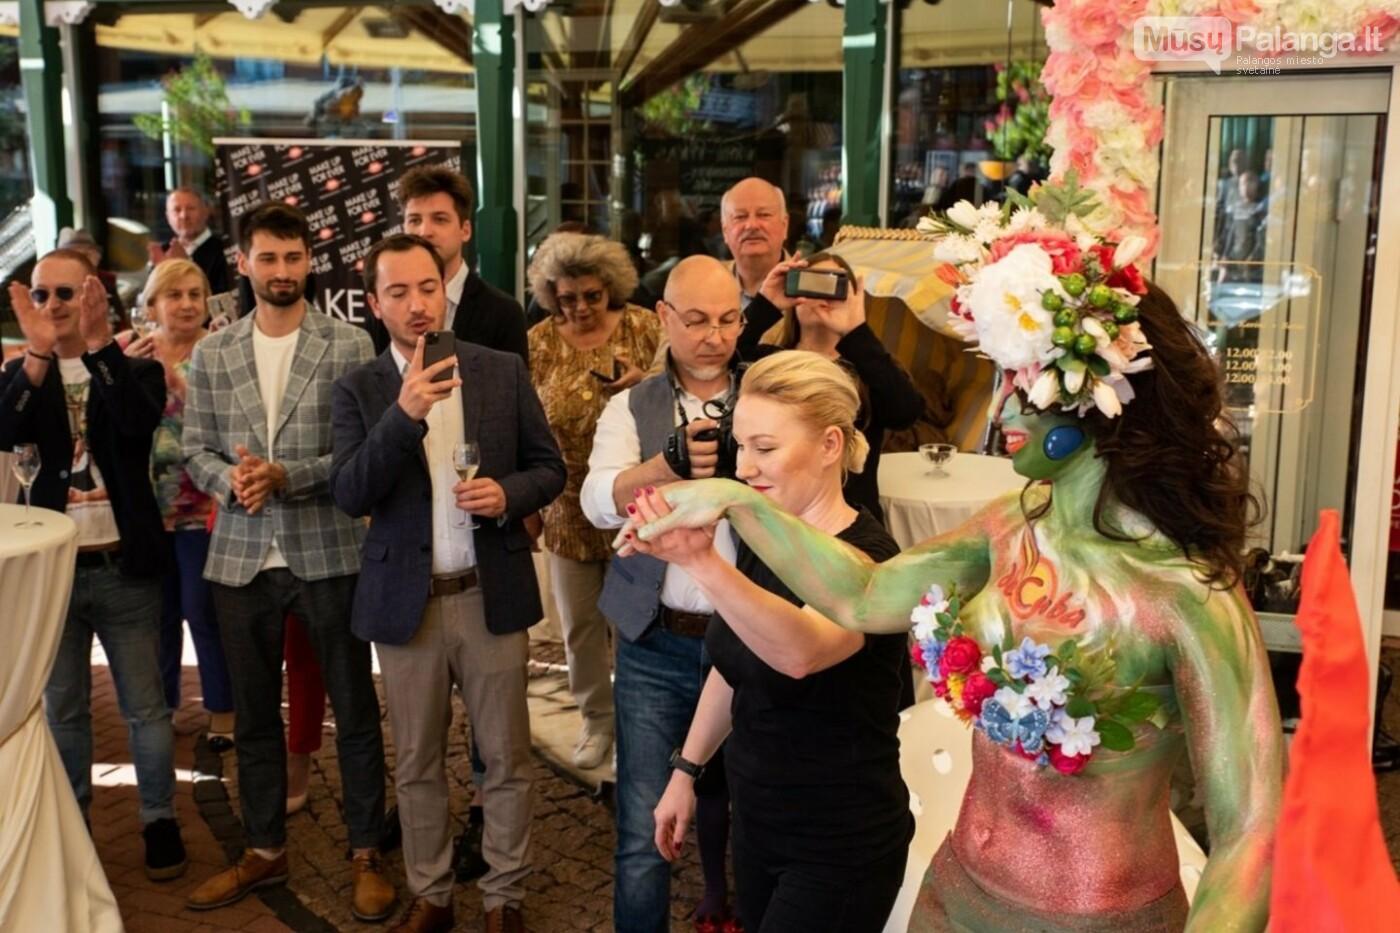 Žinomi žmonės rinkosi į Palangą: šventė restorano jubiliejų  , nuotrauka-15